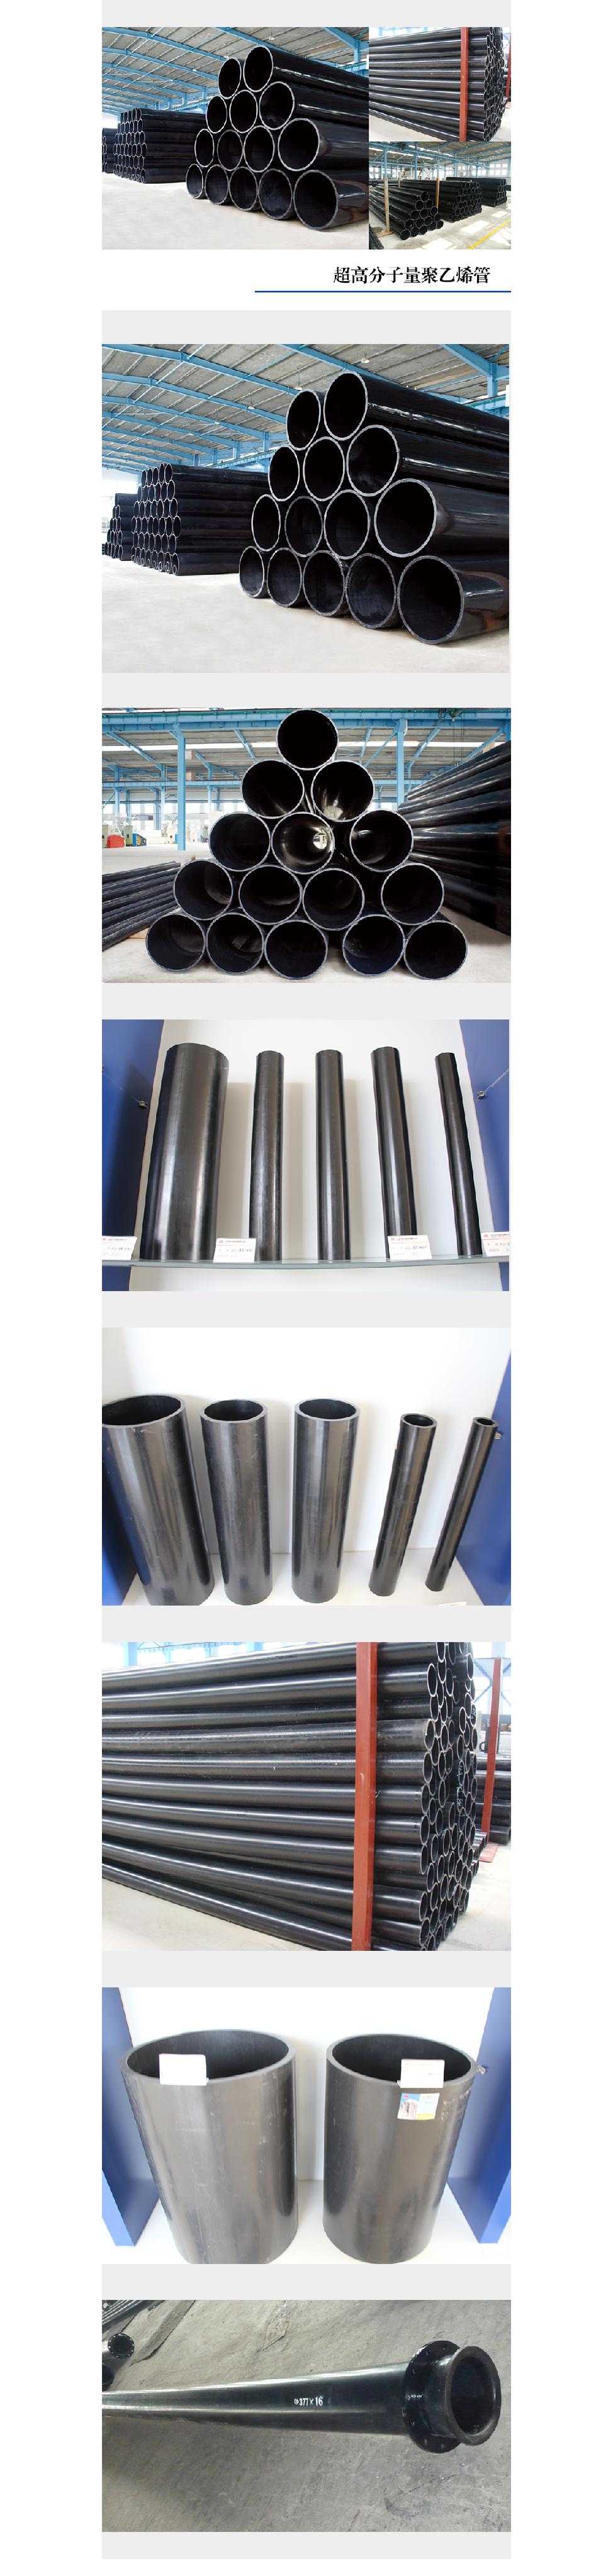 超高分子量聚乙烯管材(重点).png